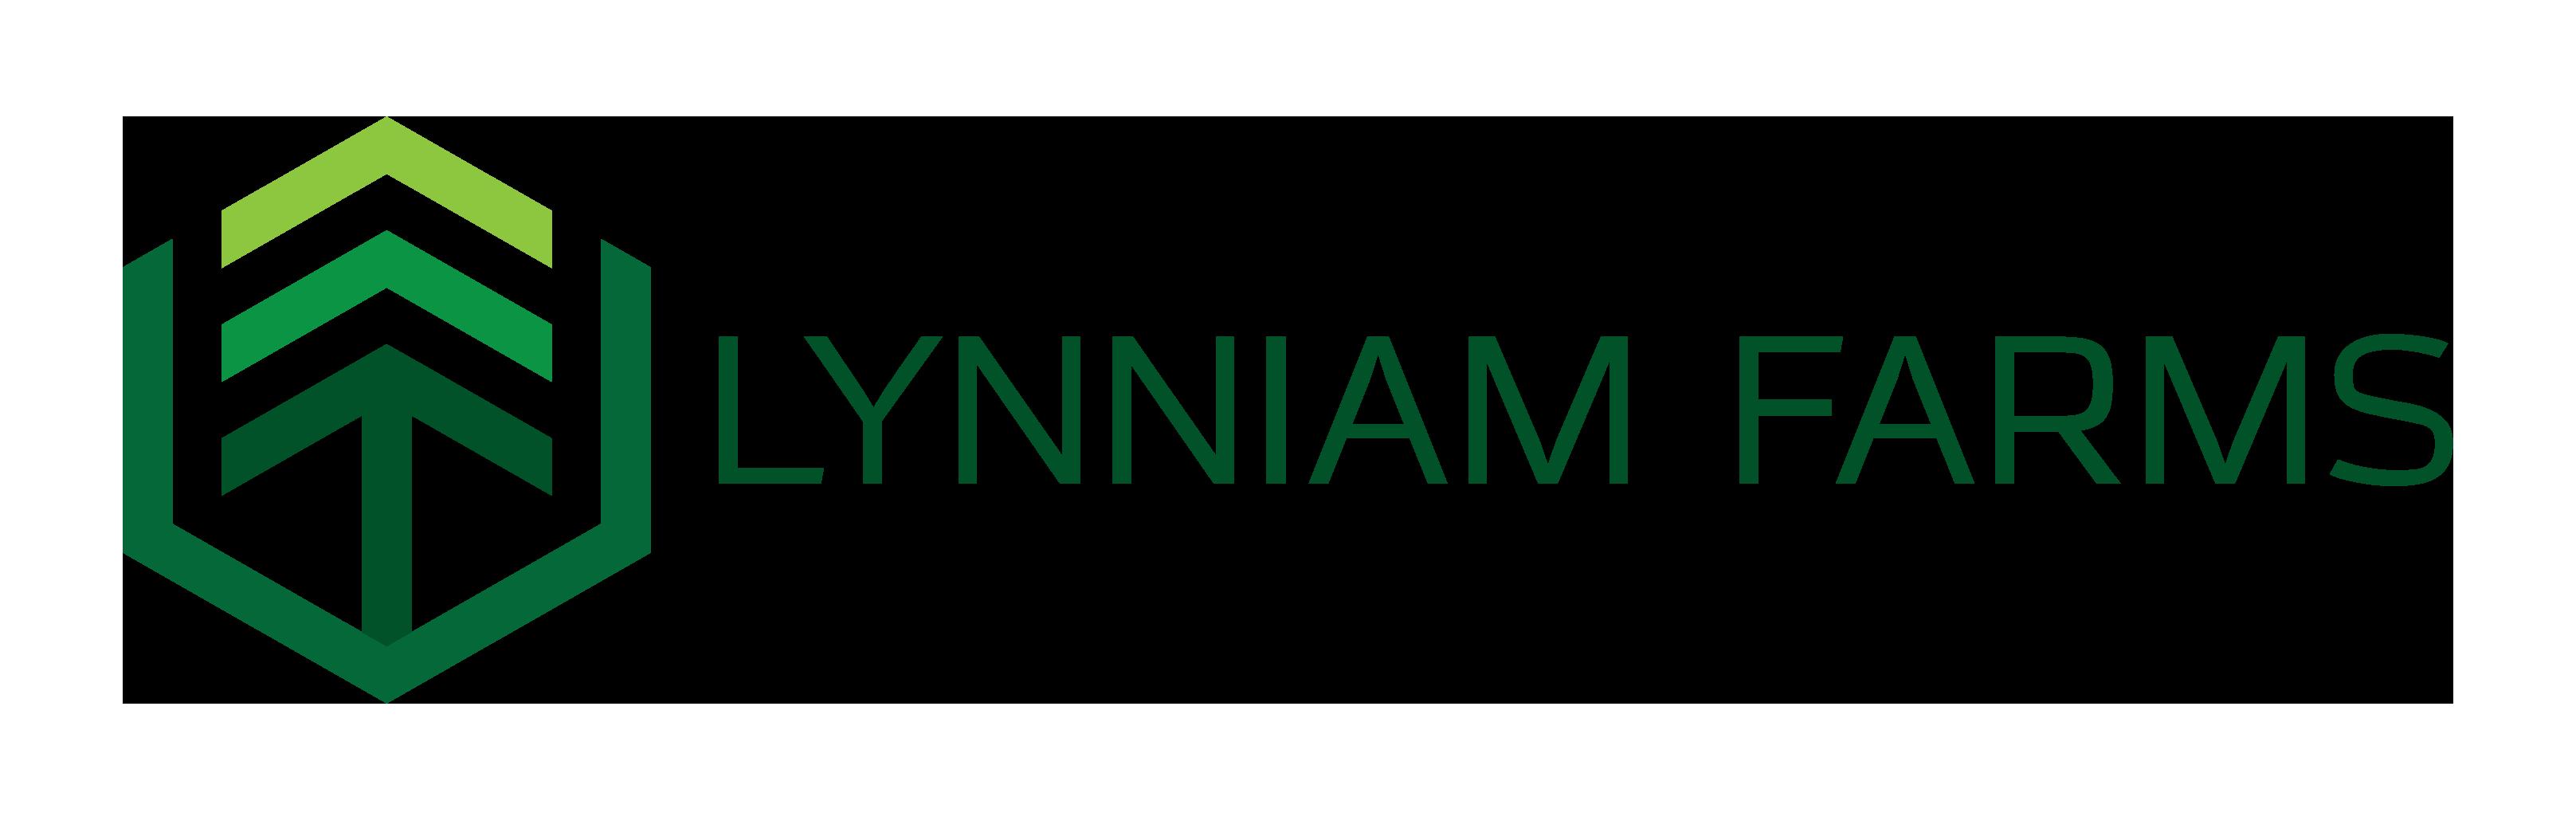 Lynniam Farms Logo